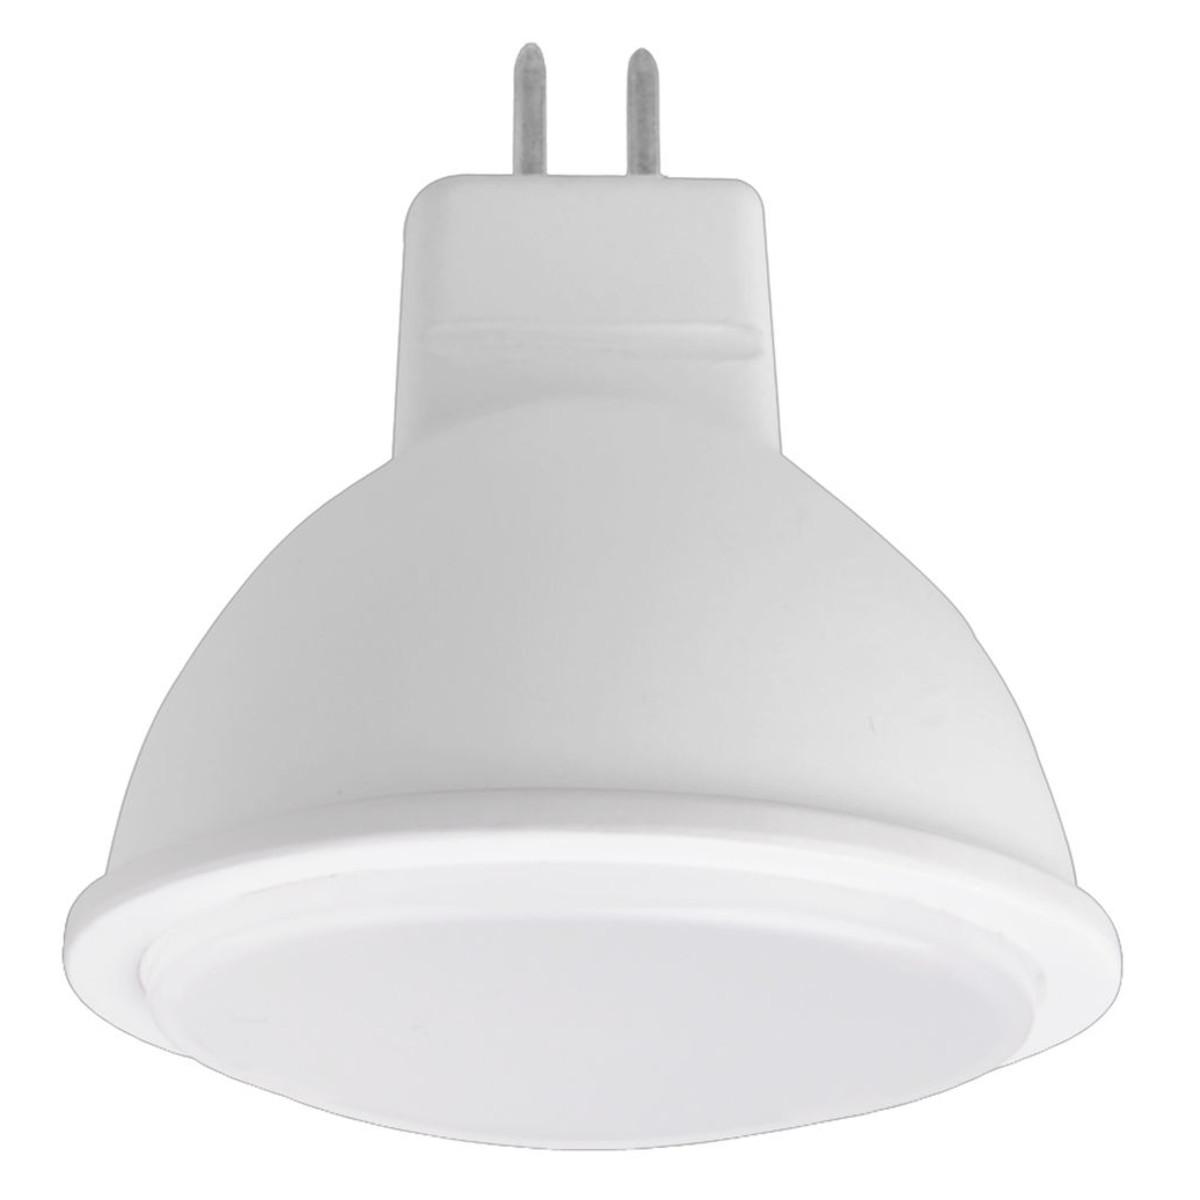 Лампа Ecola Light GU5.3 Вт рефлекторная Лм холодный 4 шт